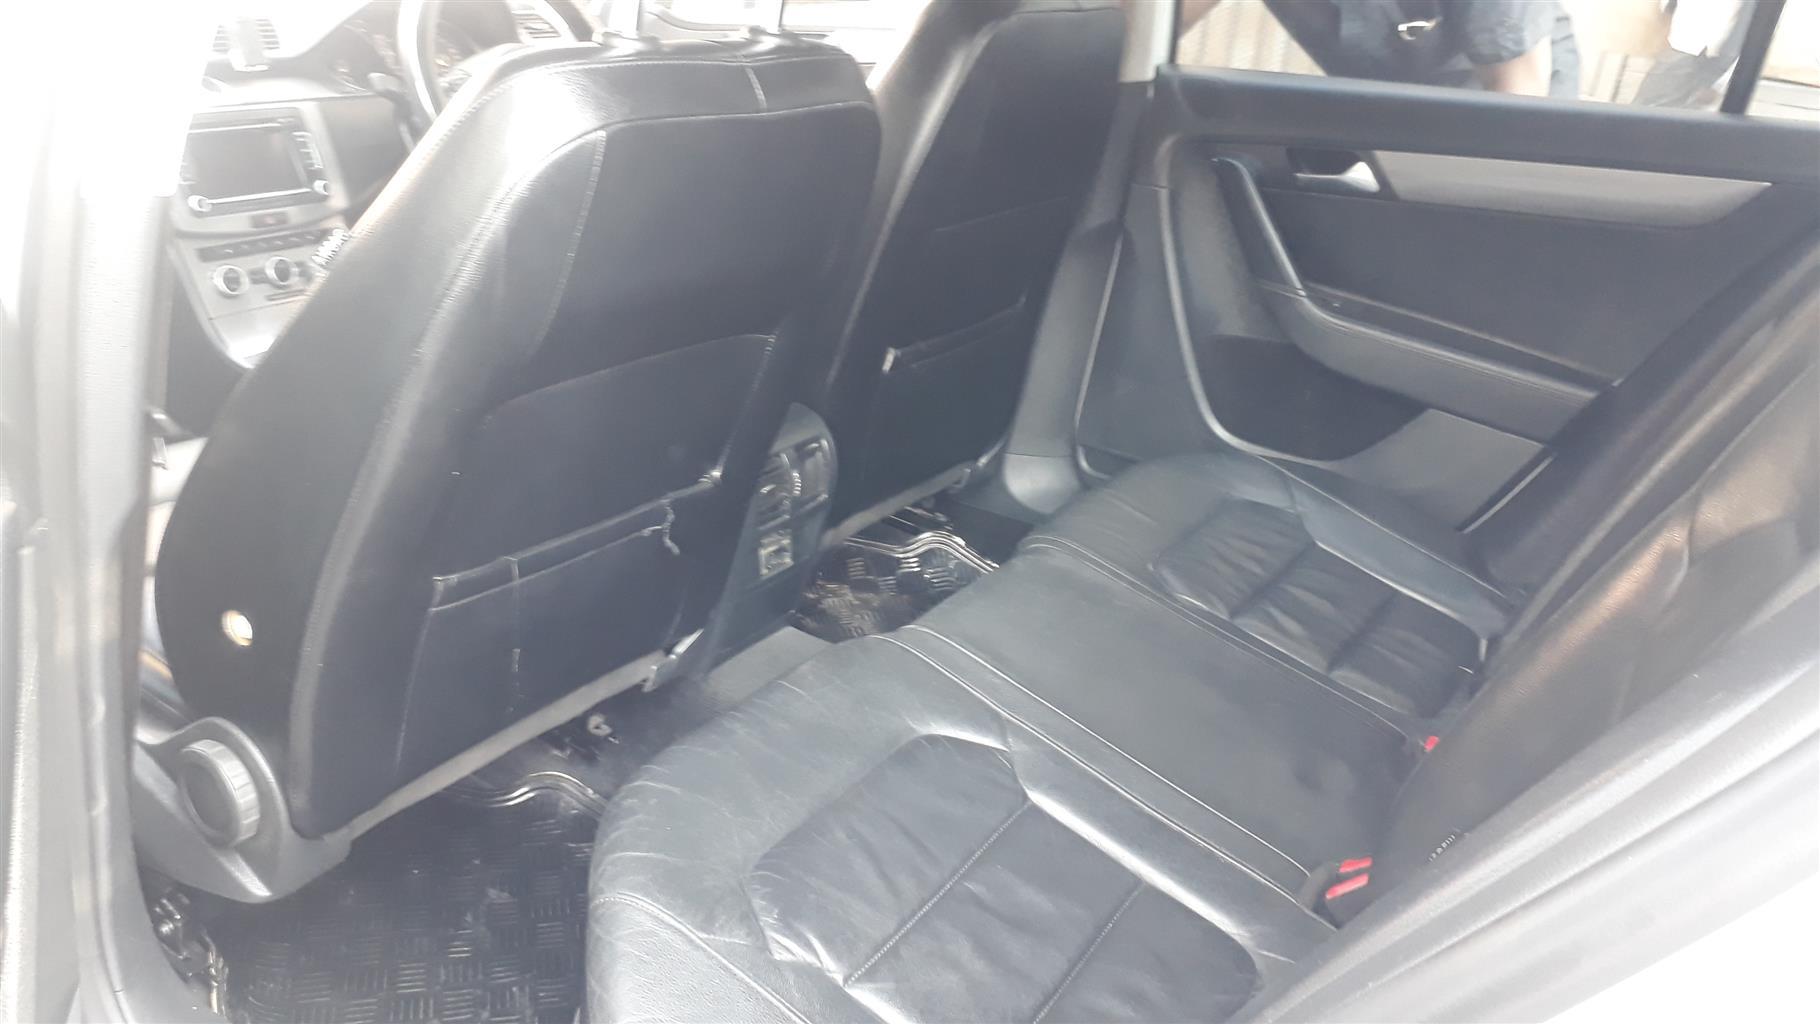 2013 VW Passat PASSAT 2.0 TDI LUXURY DSG